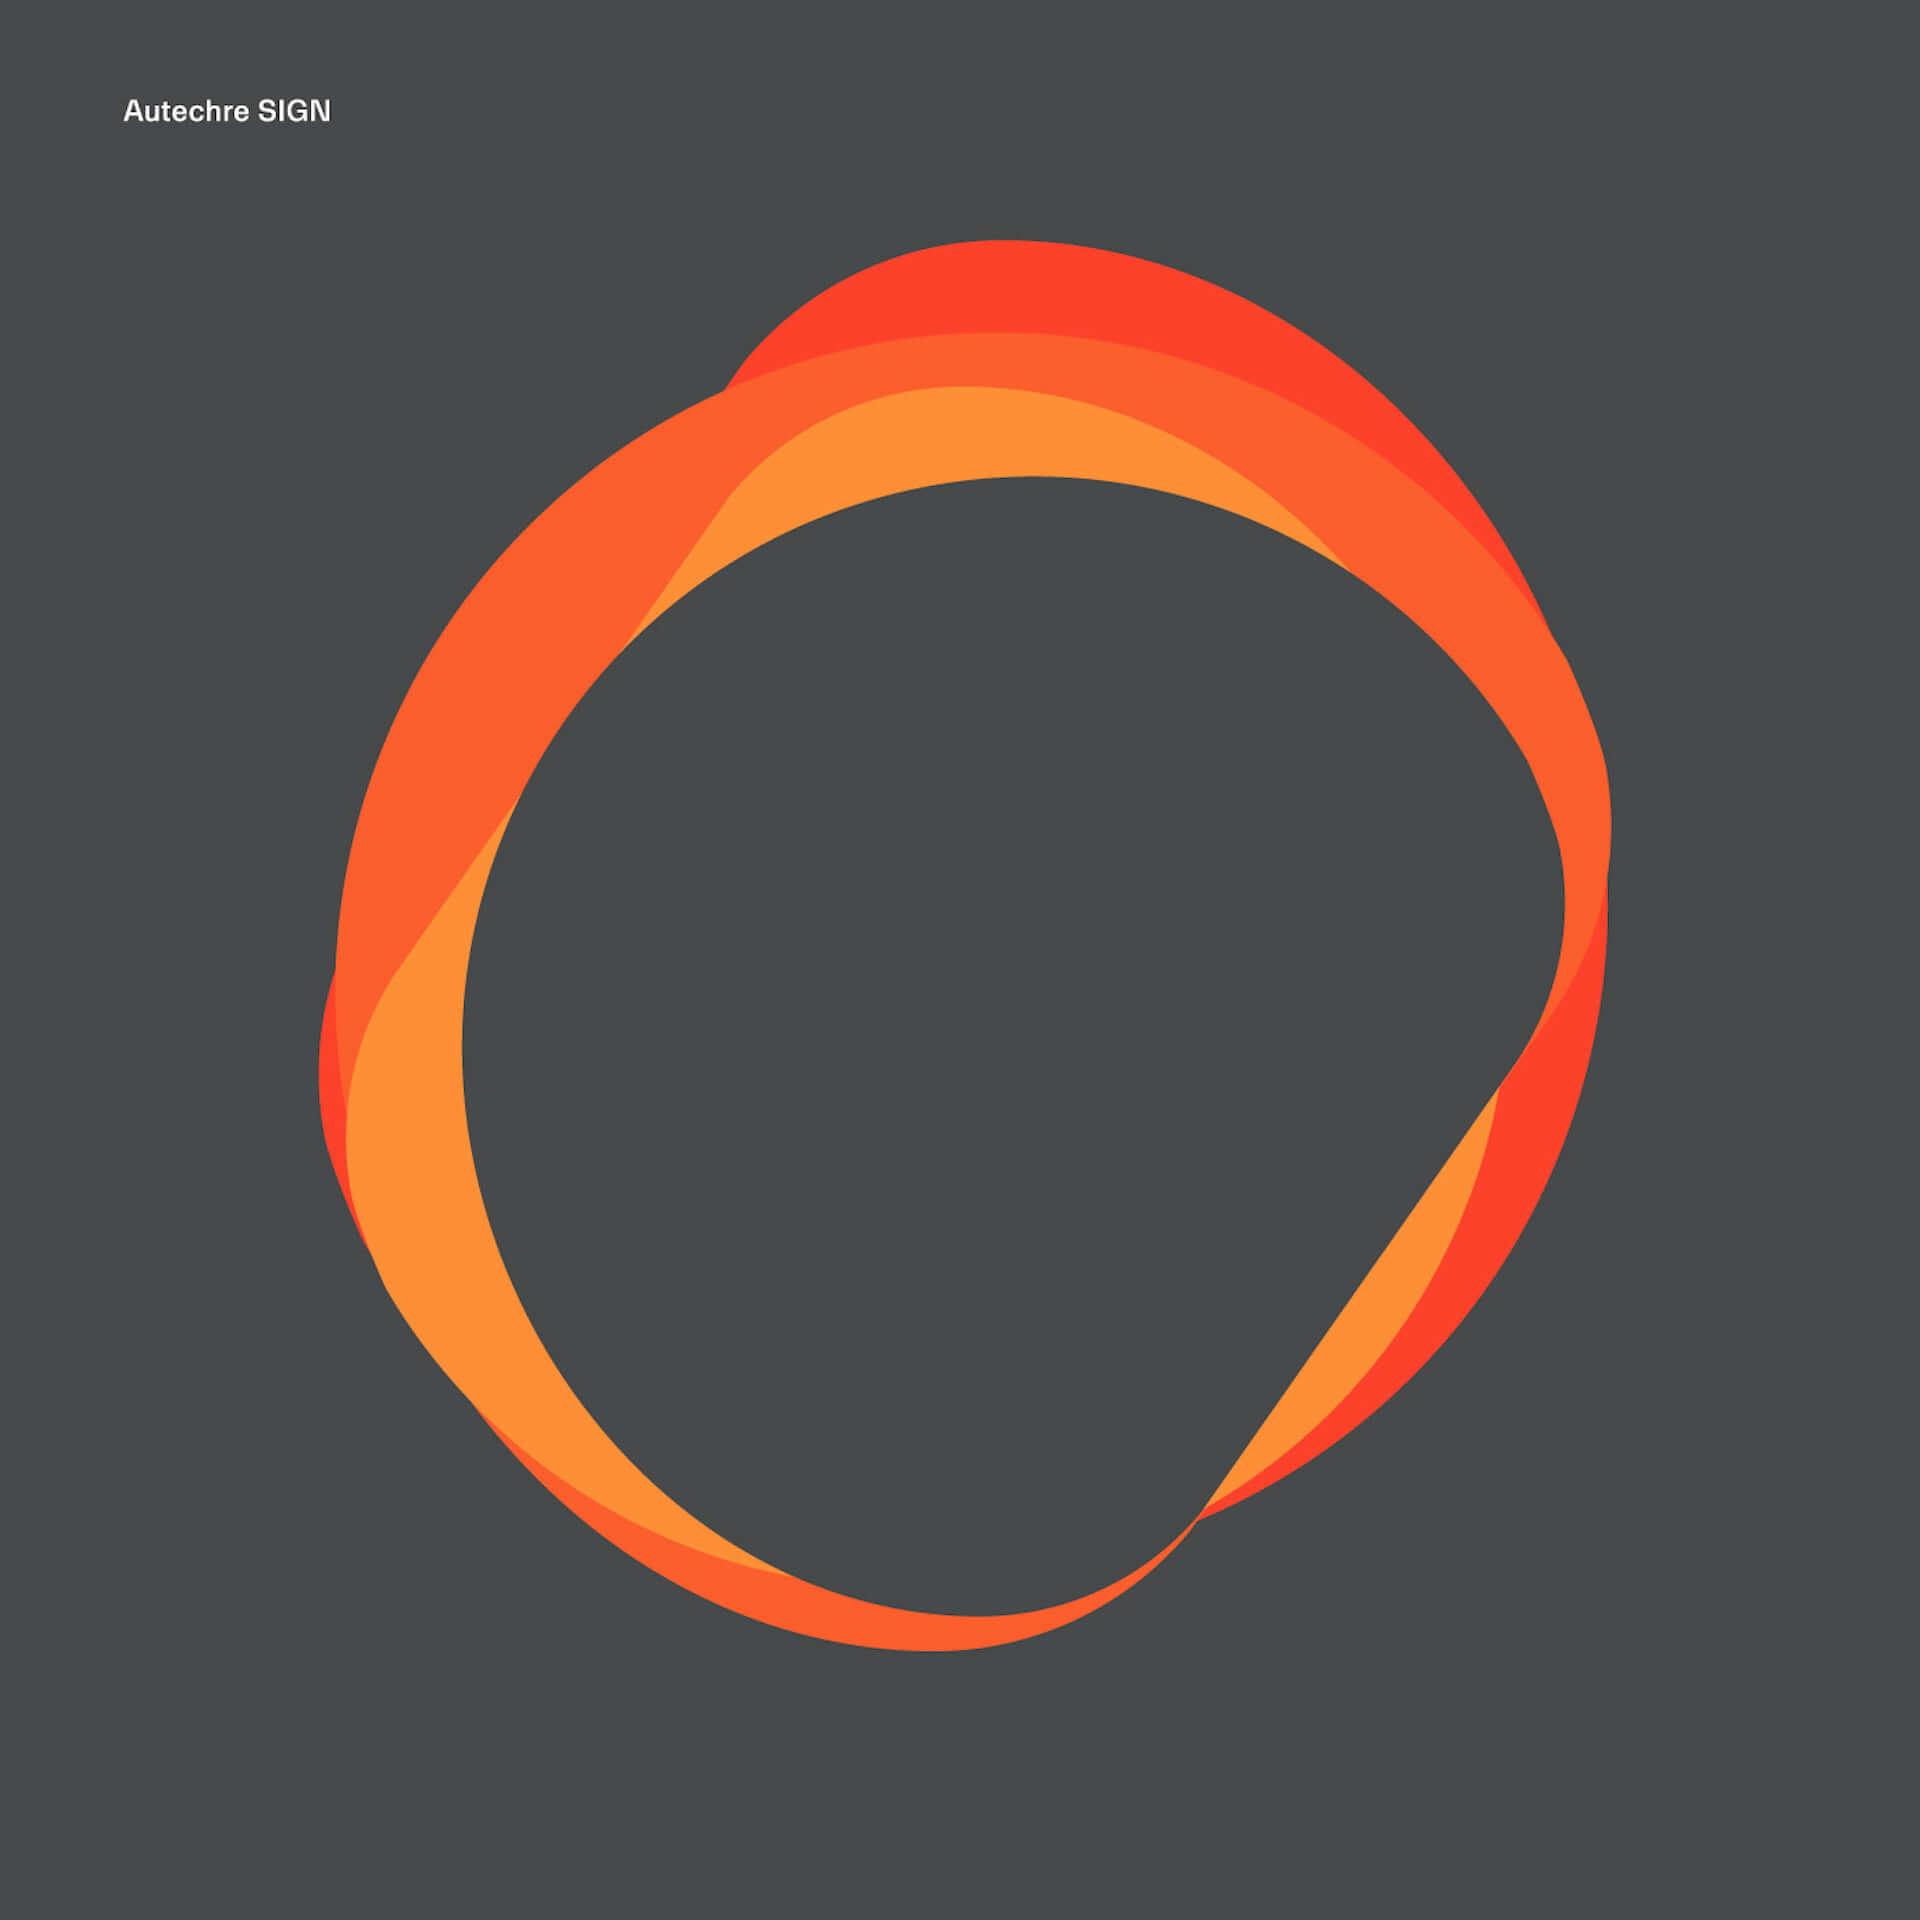 Autechreが『SIGN』に続く新アルバム『PLUS』を突如発表!ロングスリーブTシャツセット、パーカーも発売決定 music201029_autechre_7-1920x1920